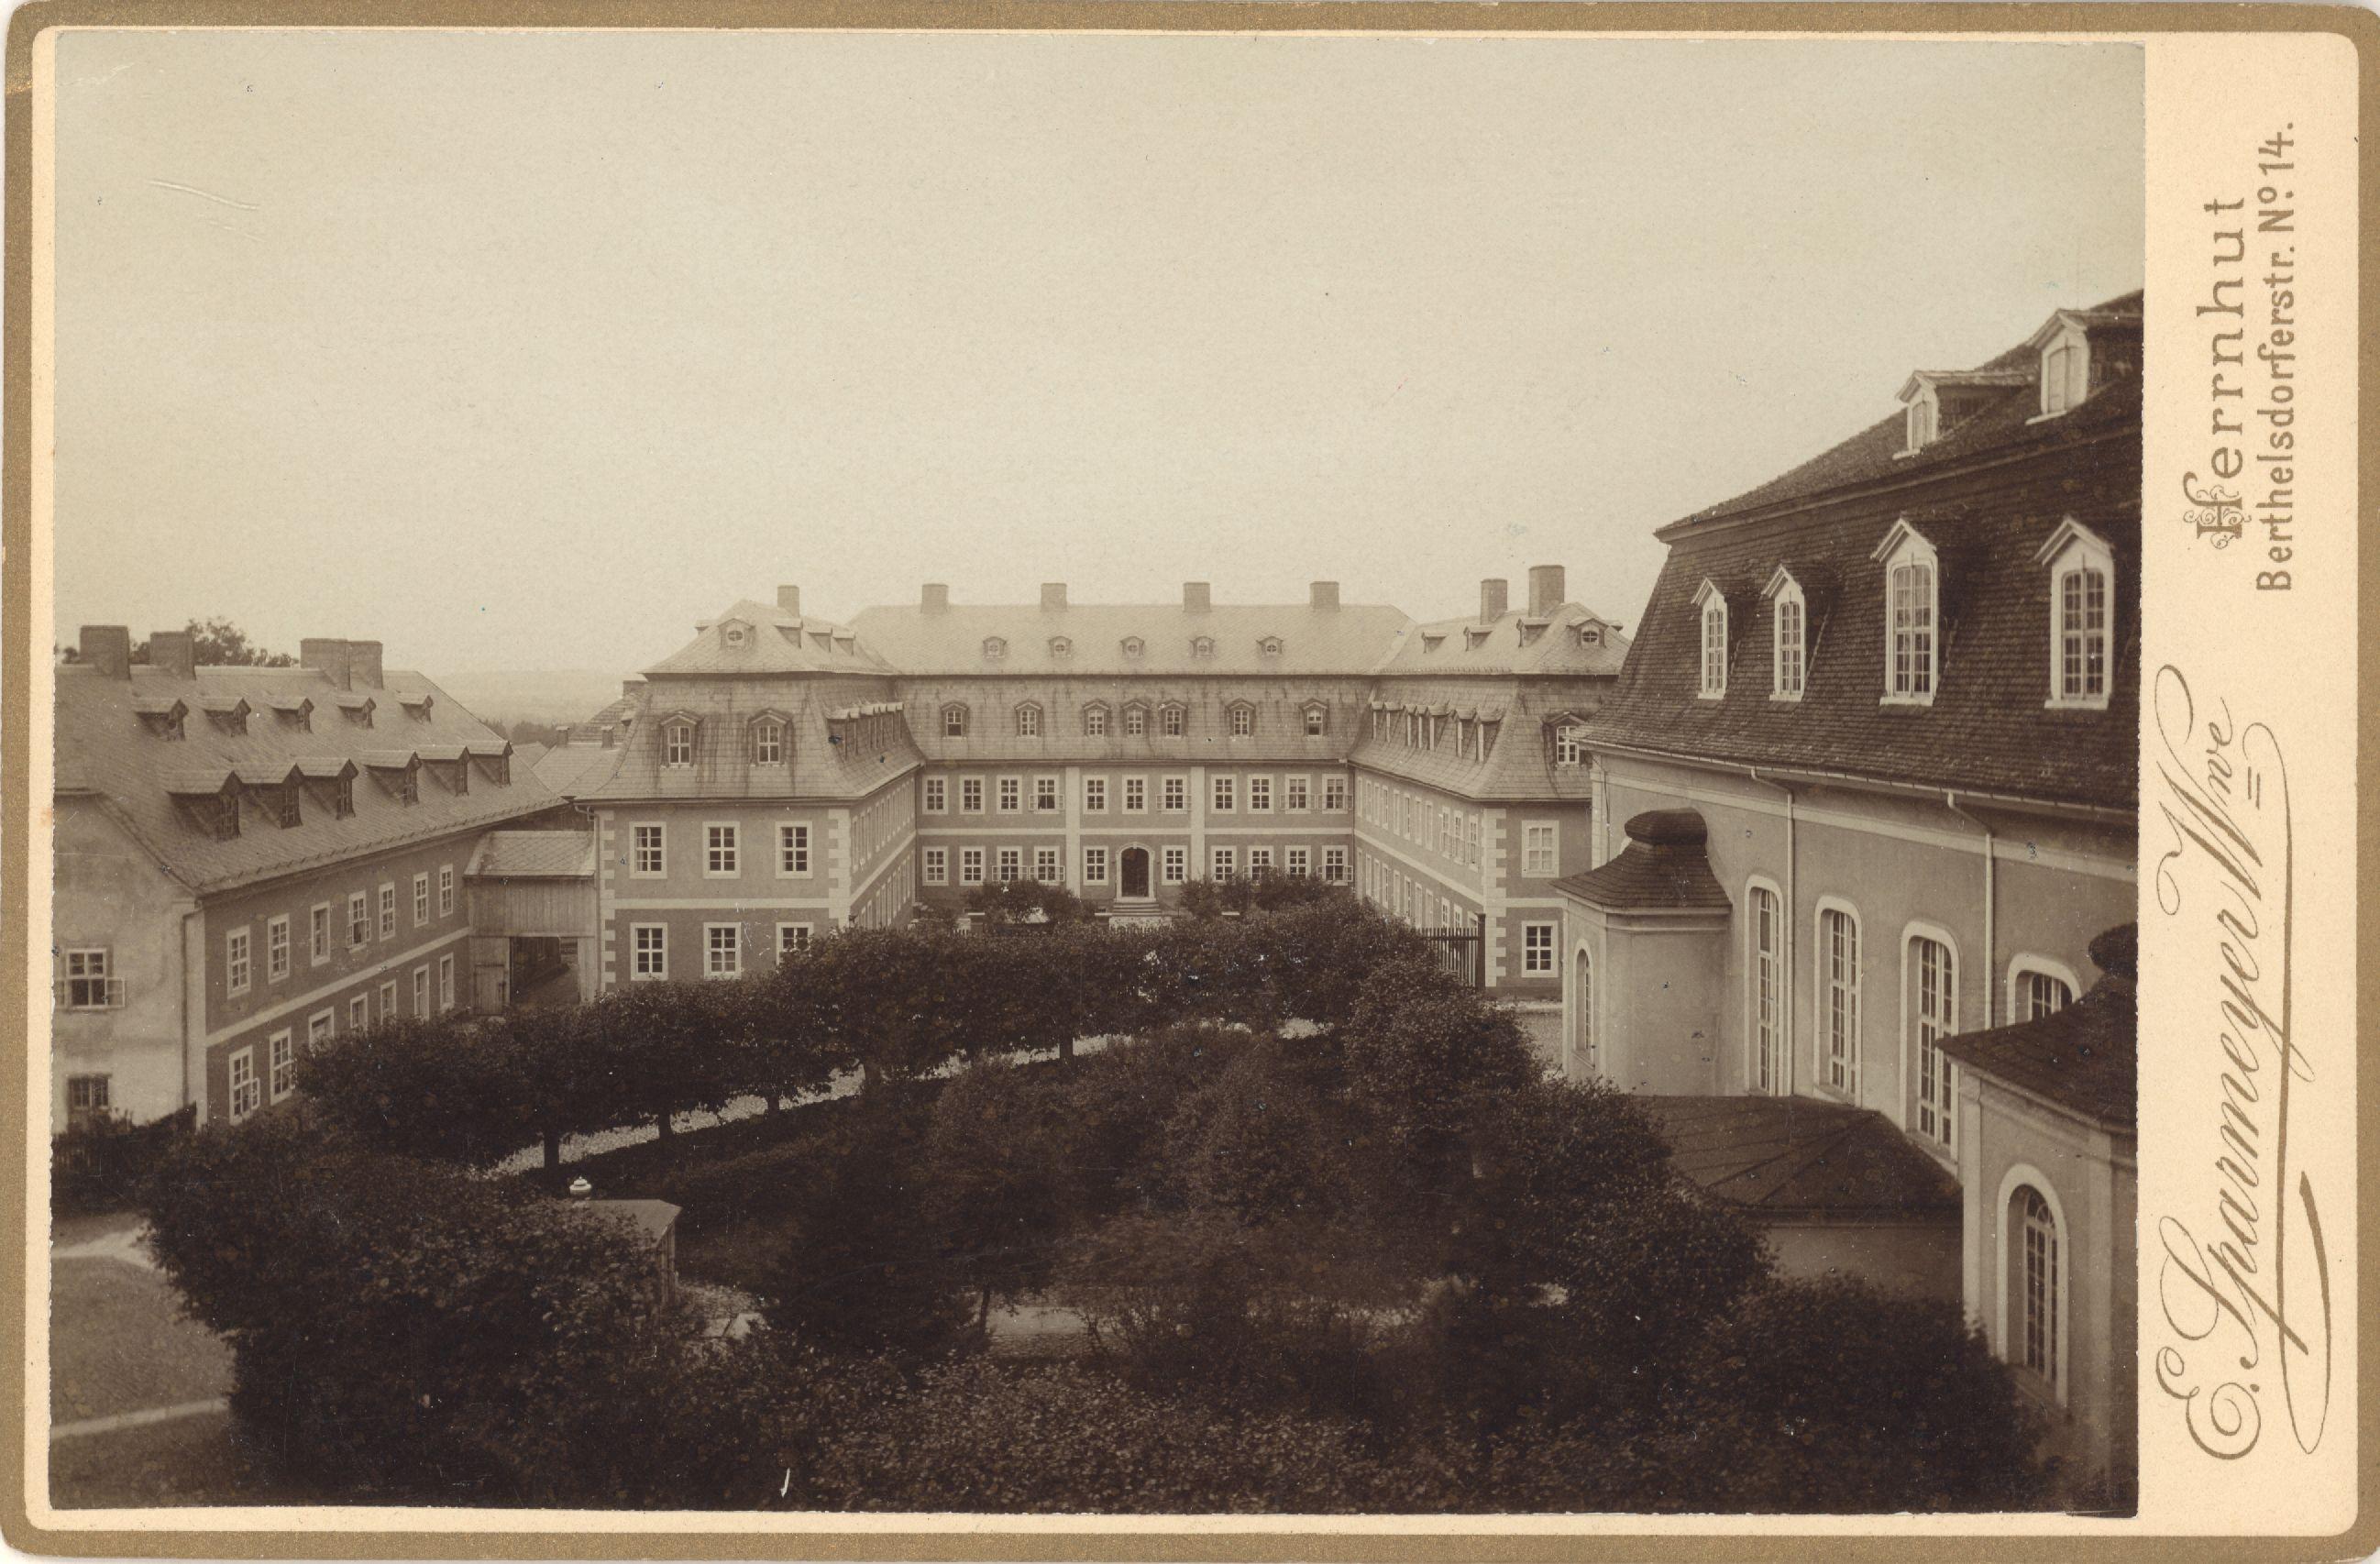 SLUB Dresden: Herrnhut: Impressionen damals und heute